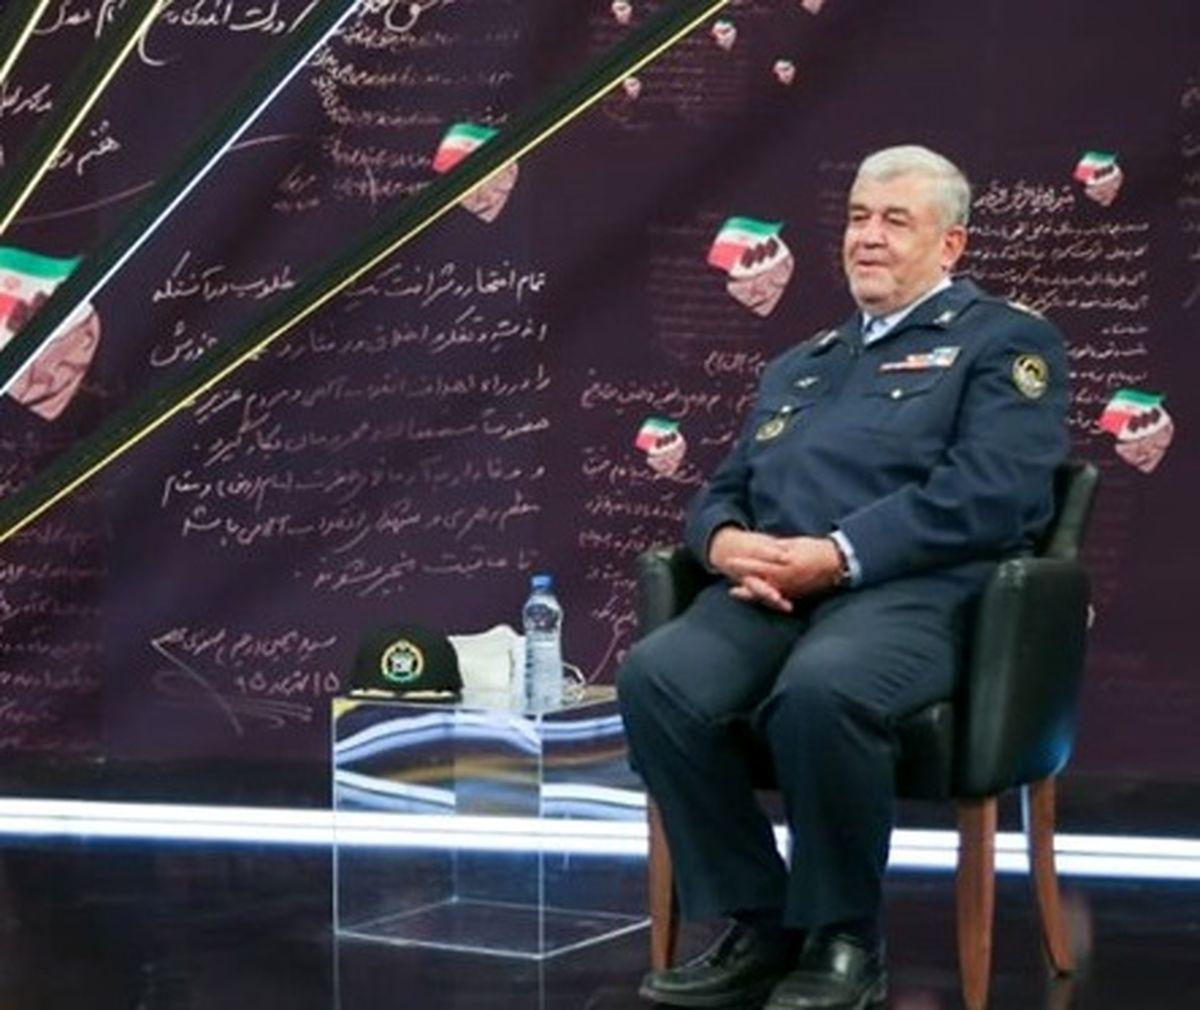 واکنش فرمانده اسبق نهاجا به تحریف اظهاراتش توسط رسانههای معاند